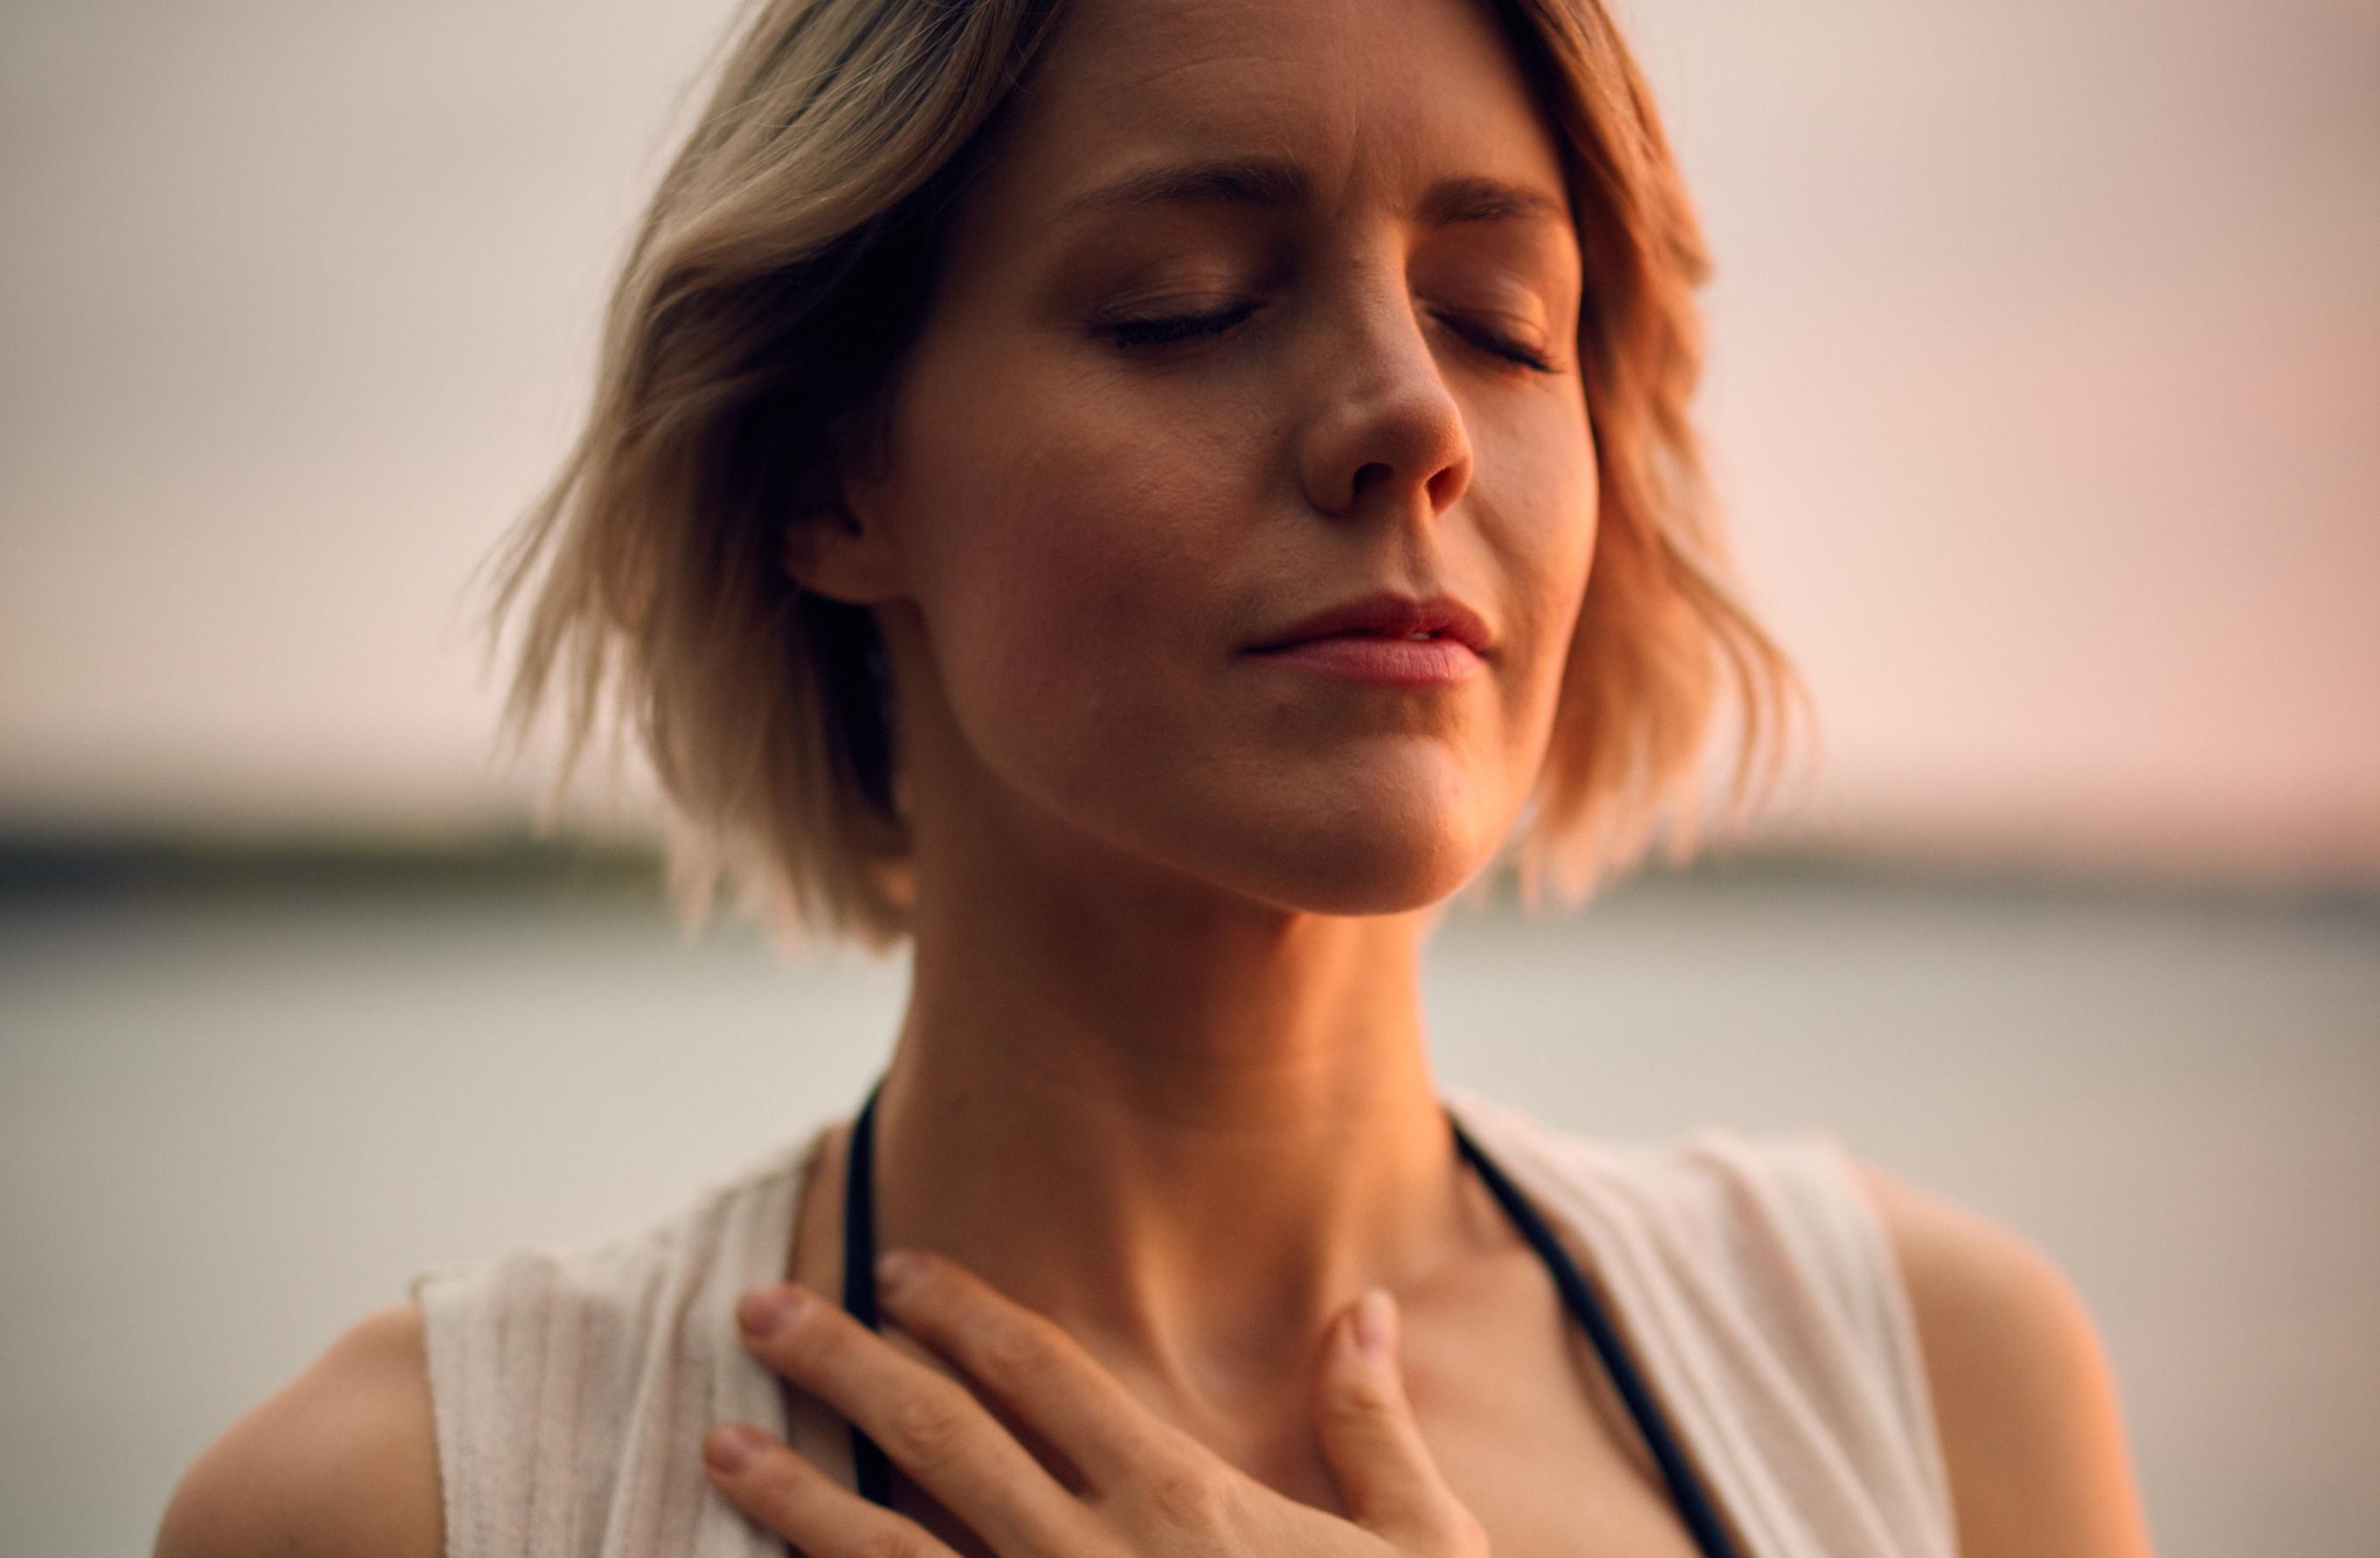 paniekaanval voorkomen adem